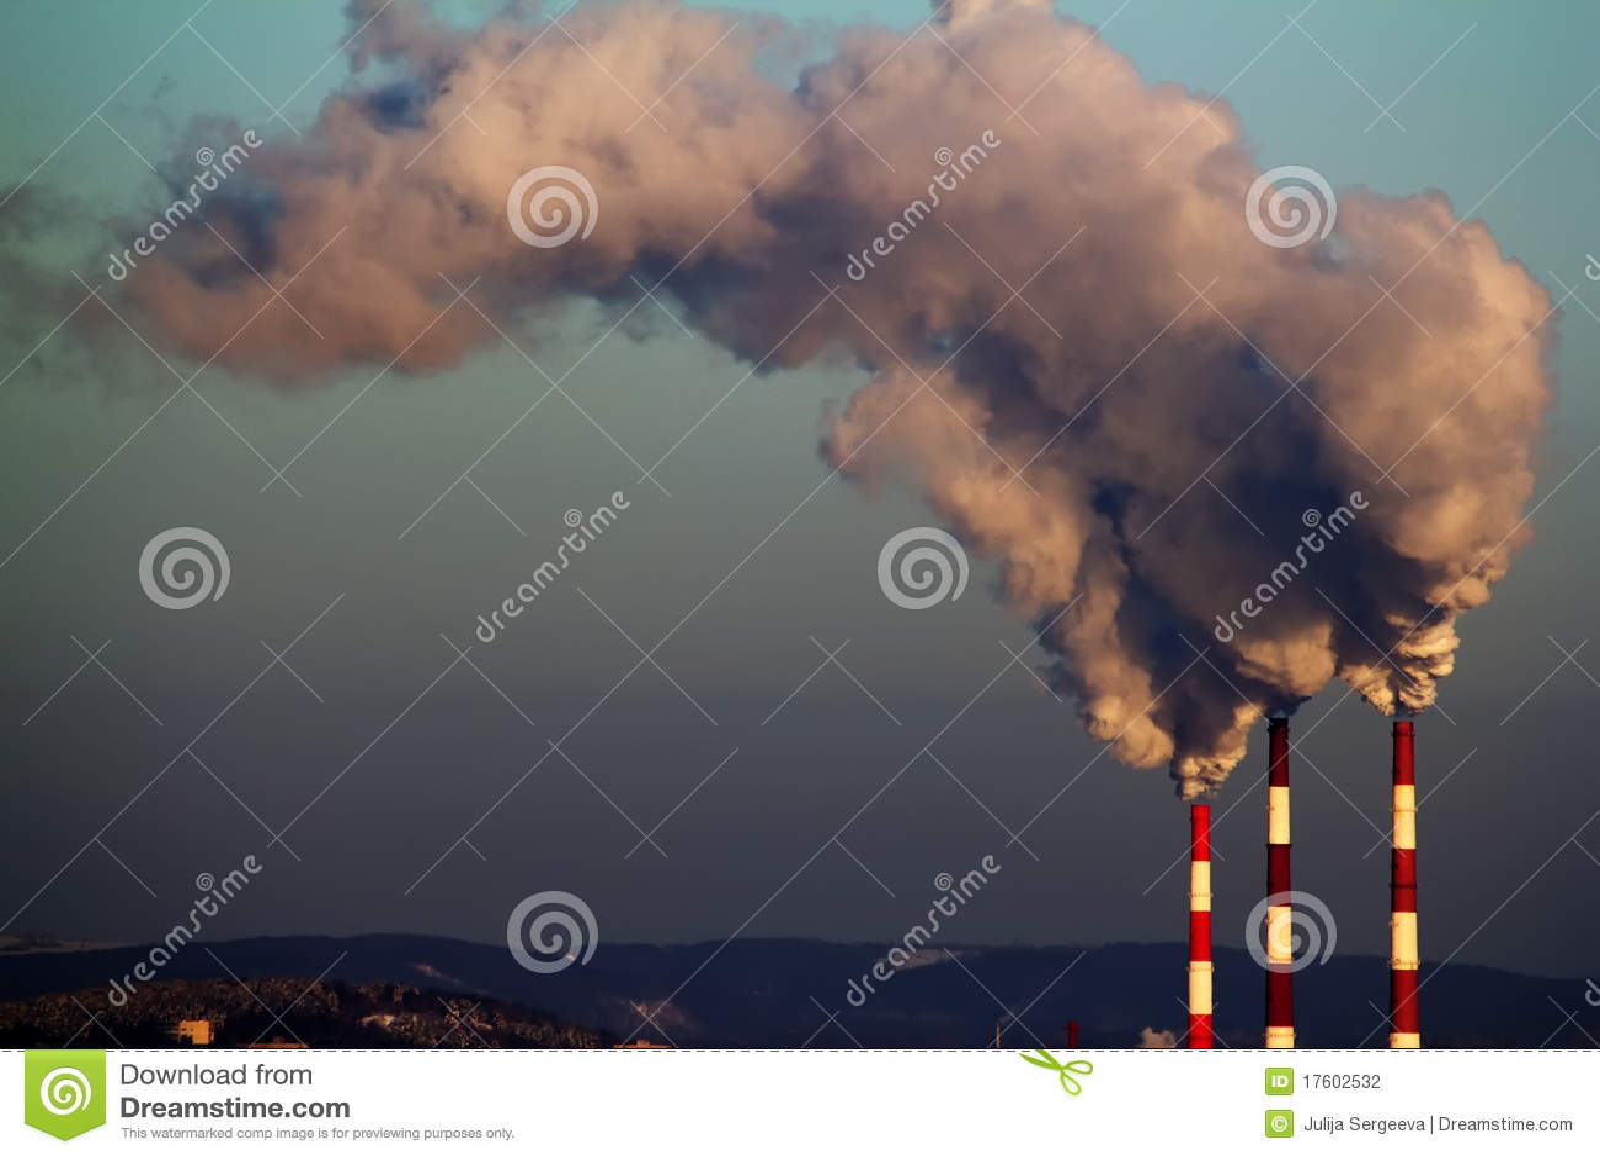 фабрика пускает дым по трубам